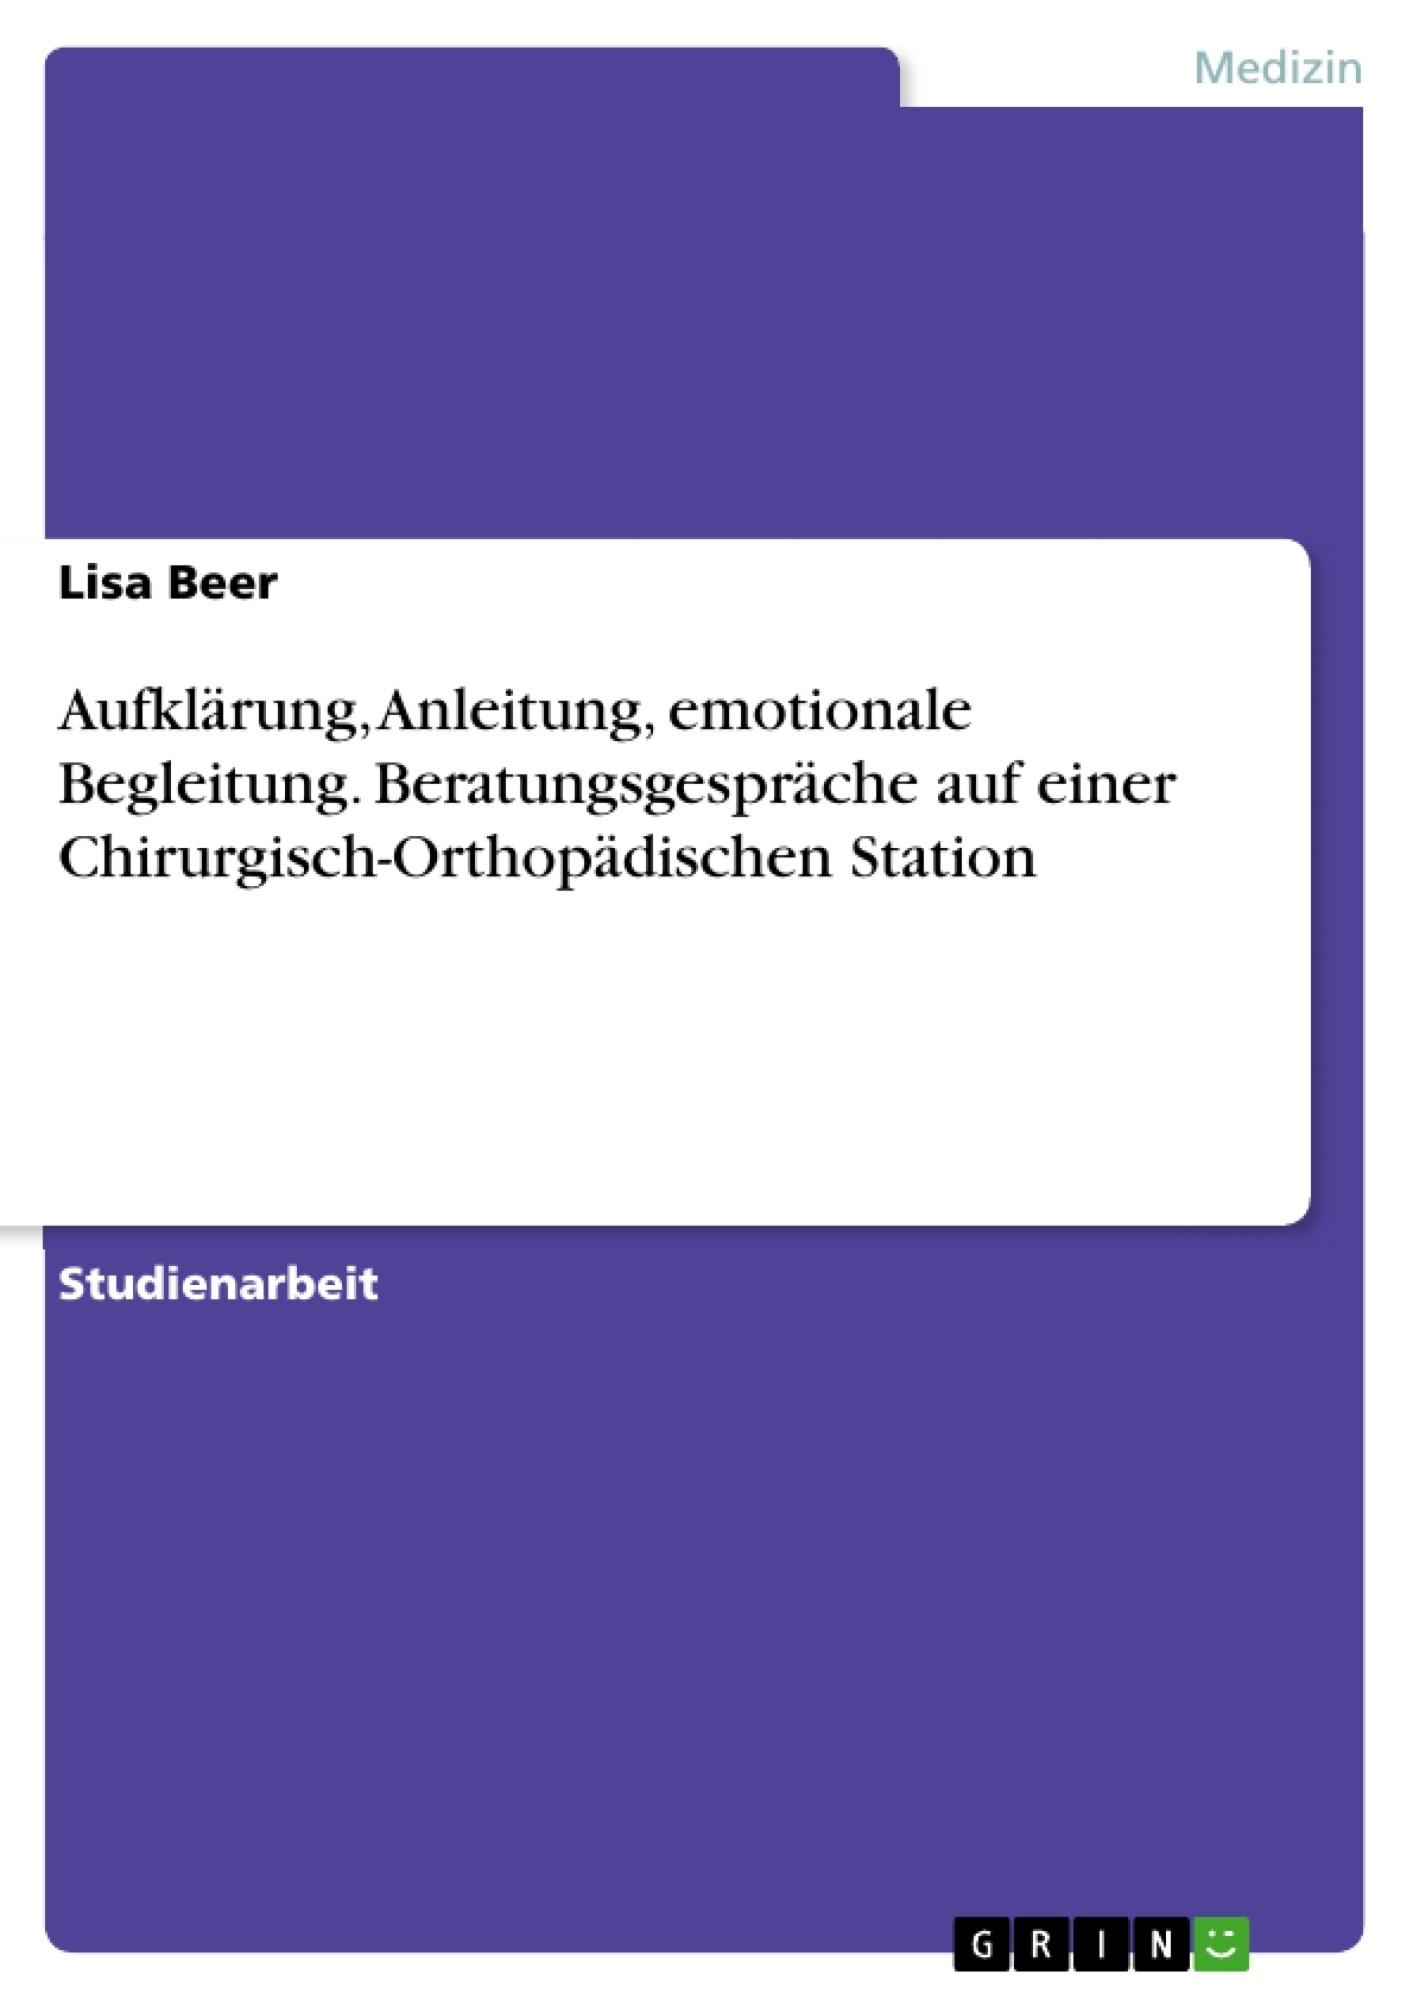 Titel: Aufklärung, Anleitung, emotionale Begleitung. Beratungsgespräche auf einer Chirurgisch-Orthopädischen Station